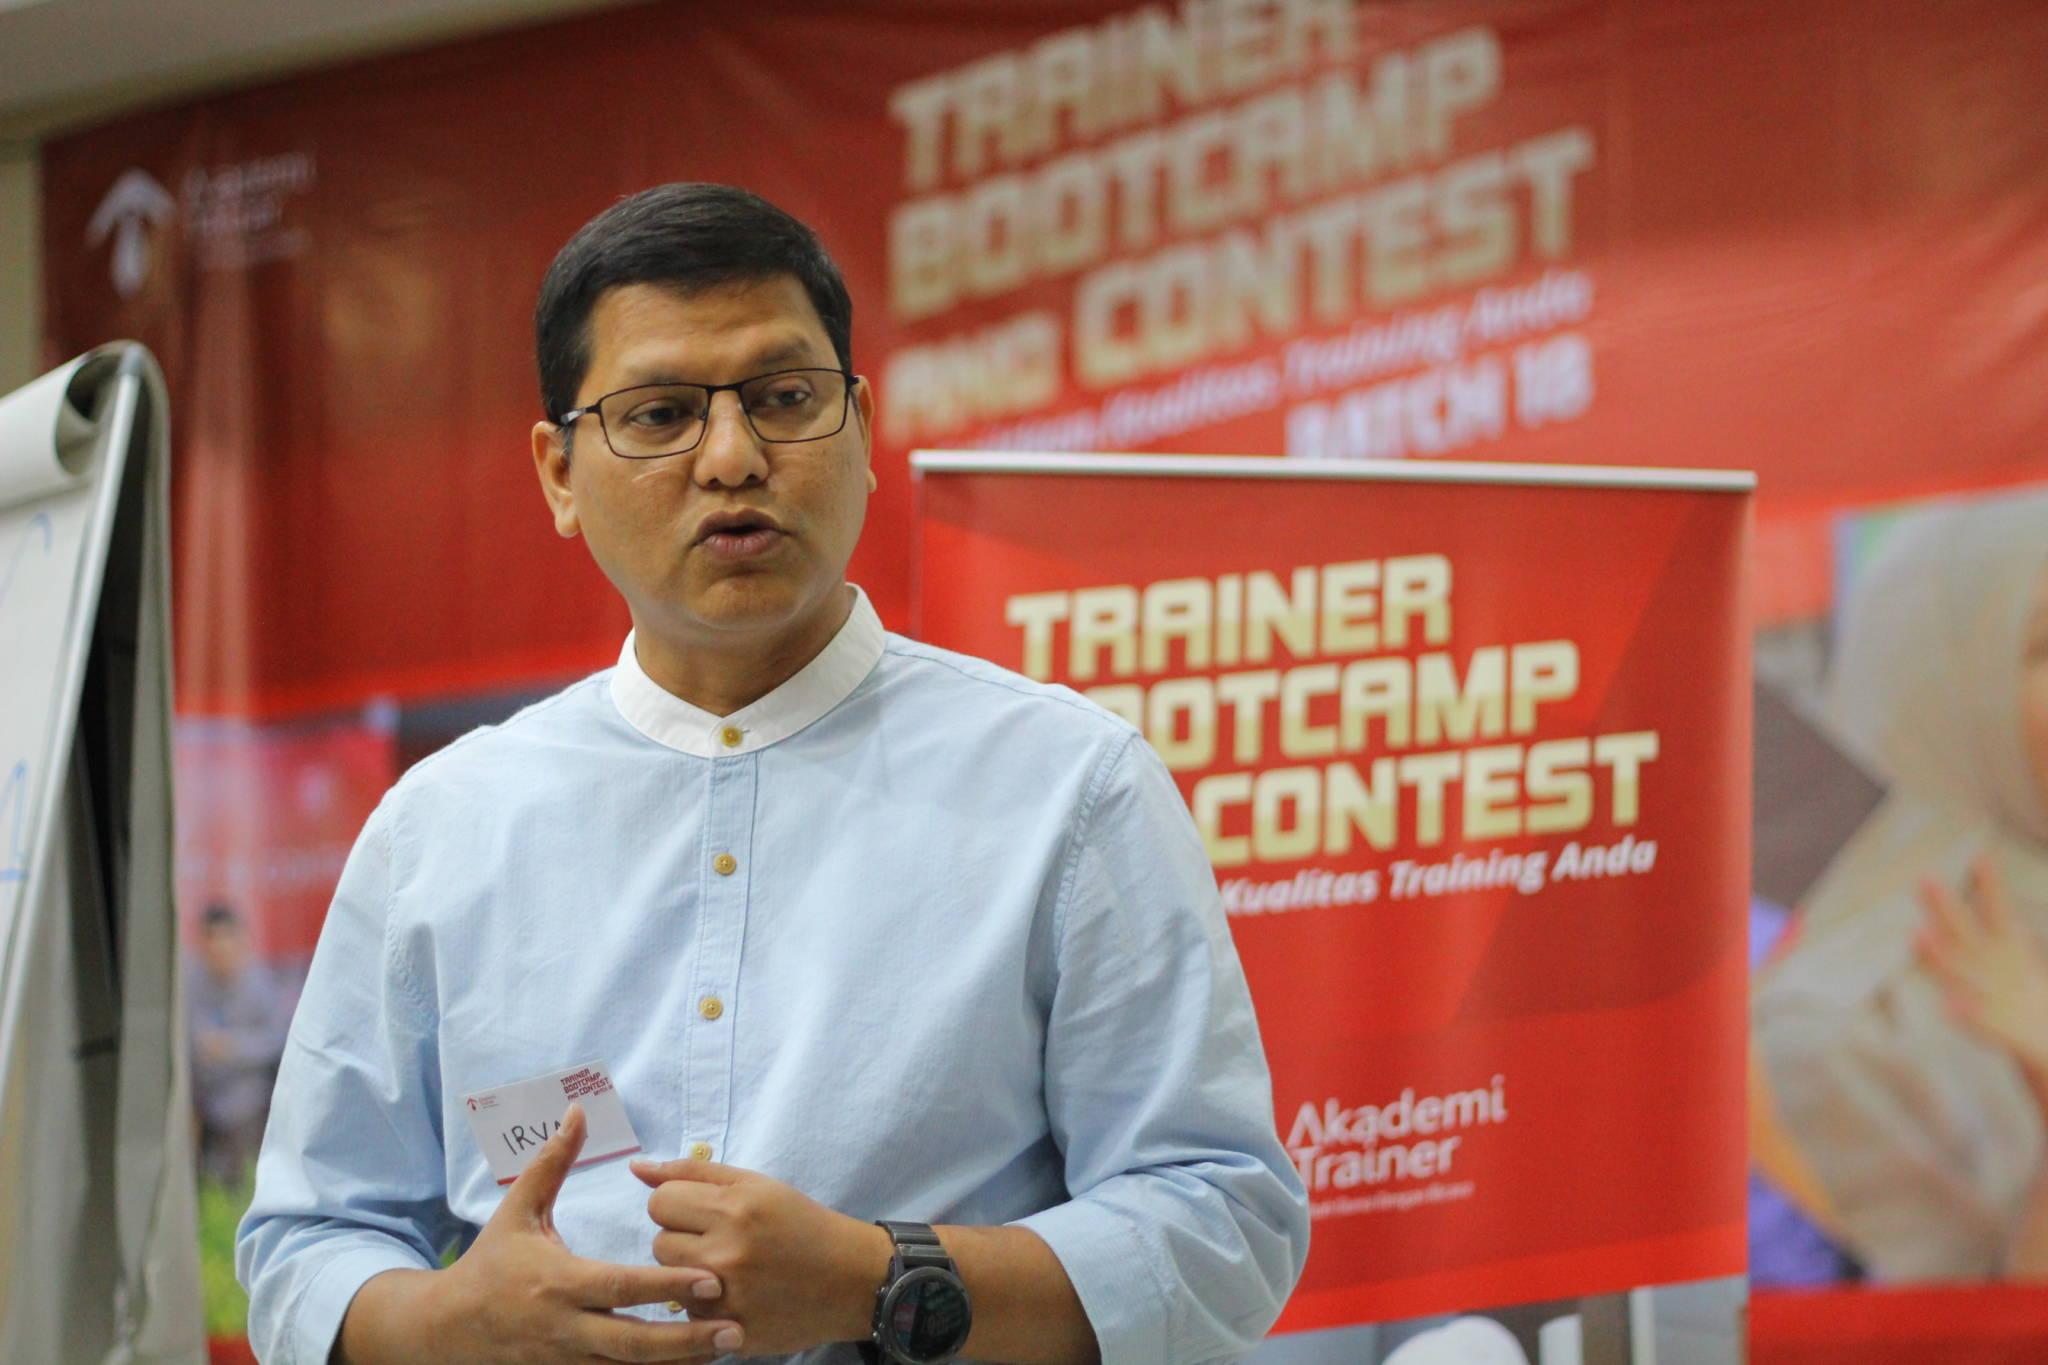 Faktanya Ketakutan Tertinggi Saat Ini Adalah Berbicara Di Depan Forum - Corporate Training Indonesia